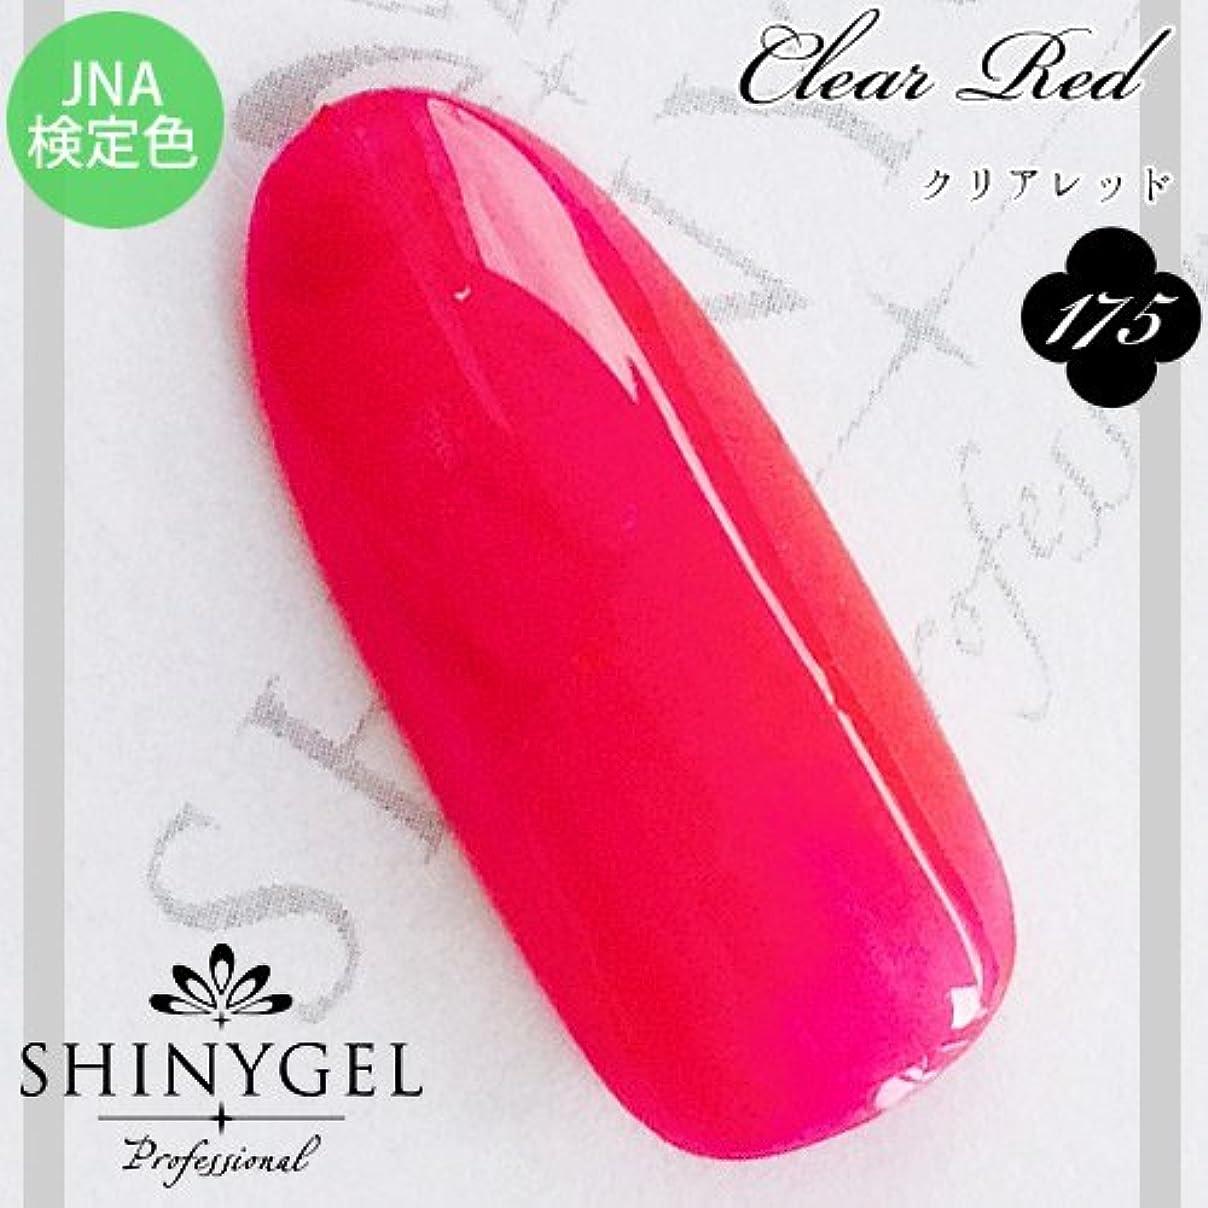 モバイル予算感じSHINY GEL カラージェル 175 4g クリアレッド JNA検定色 UV/LED対応